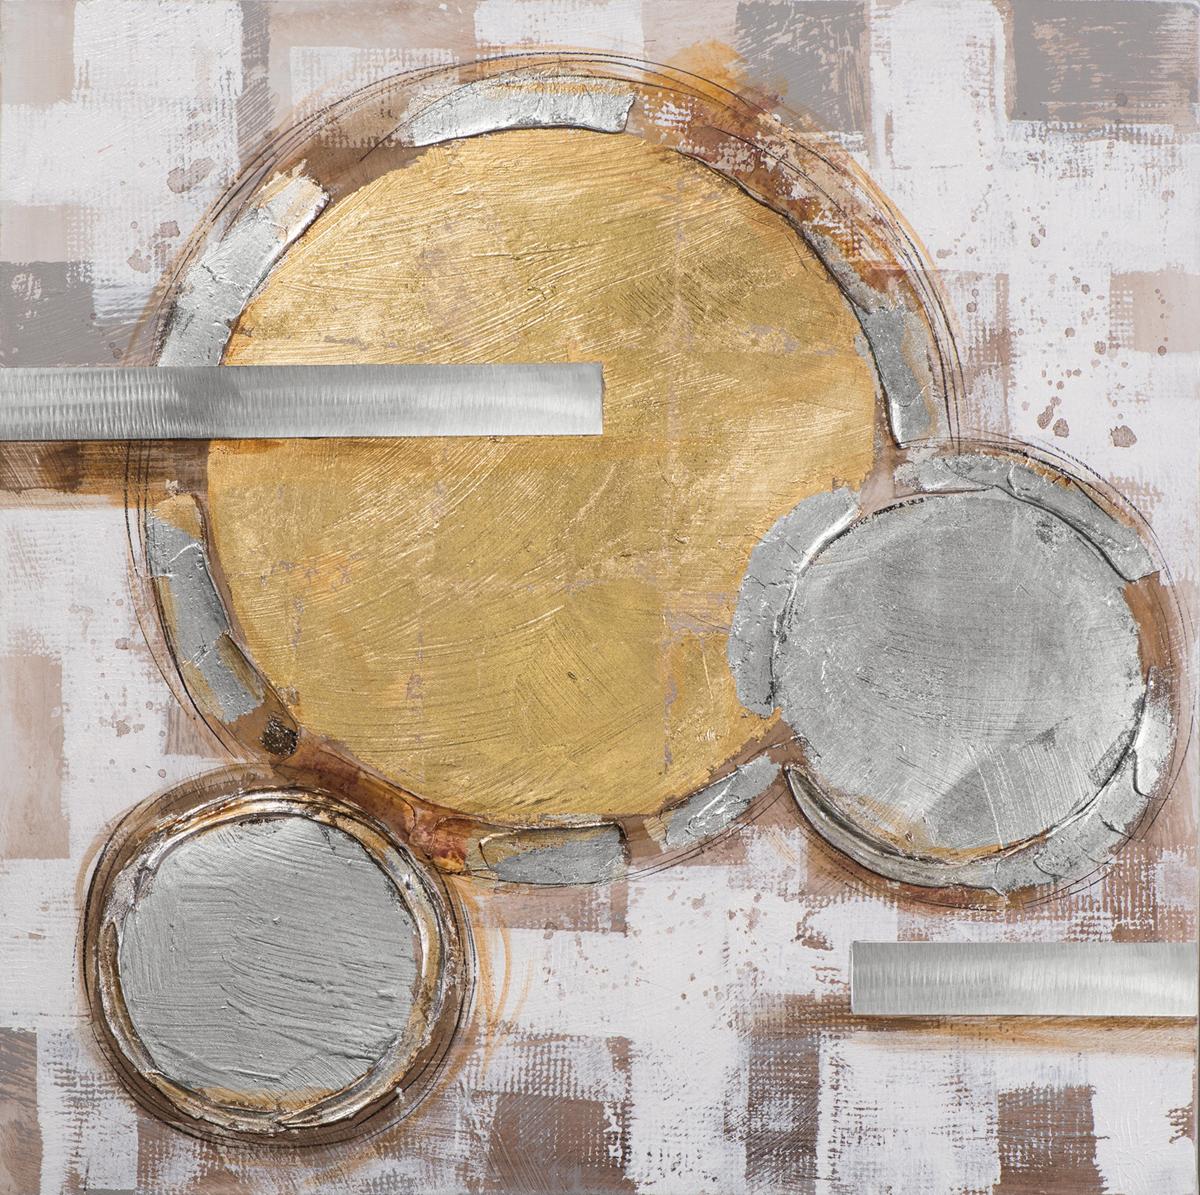 Tableau Abstrait 100x100 Argenté Doré Ajout D éléments Métal En Relief Peinture Acrylique Et Feuilles Métal